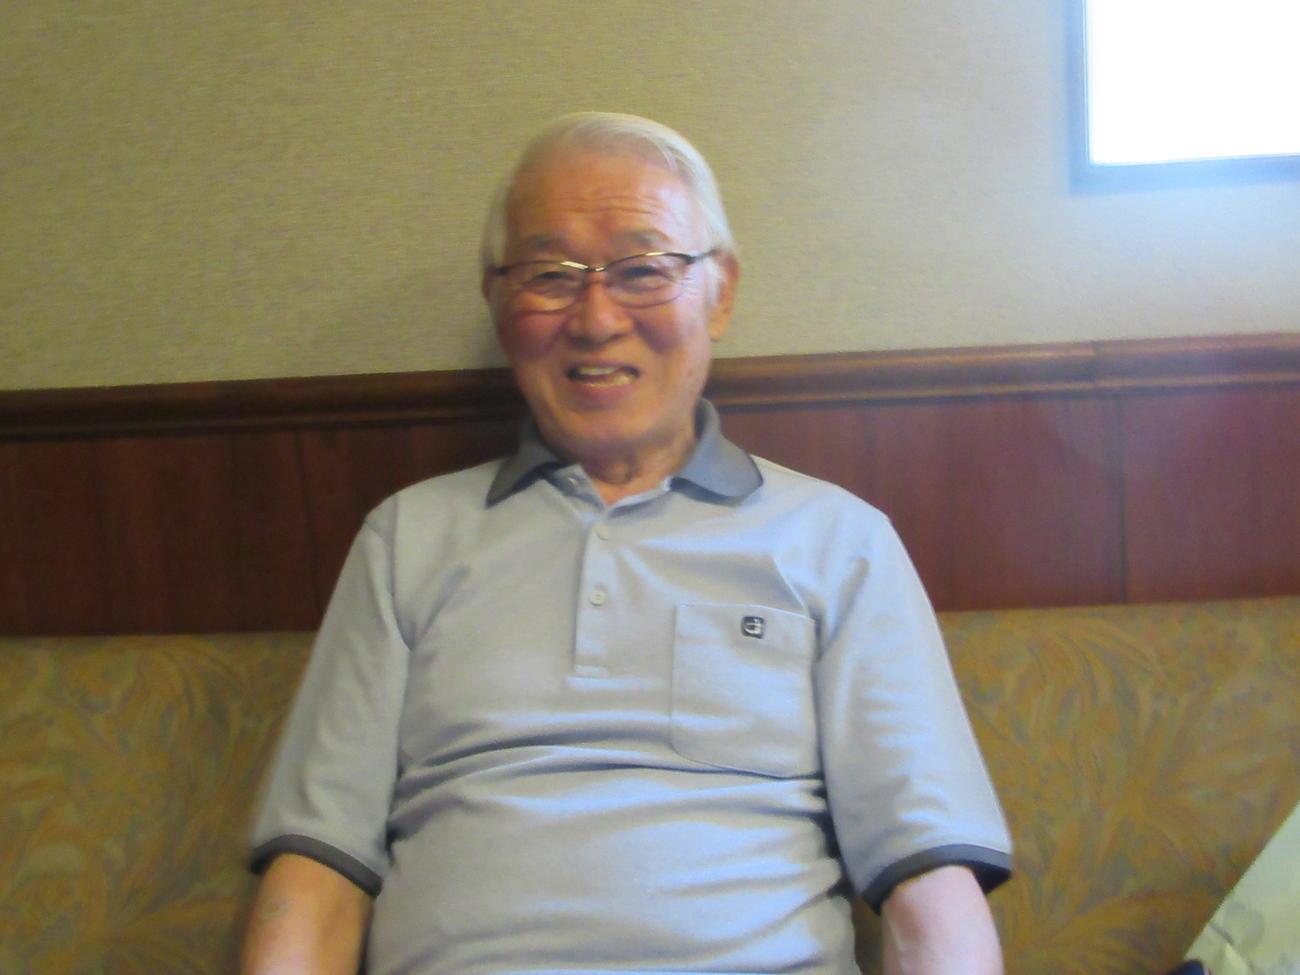 笑顔でW杯、五輪の日本代表のエールを送った杉山隆一さん(2018/05月21日撮影)